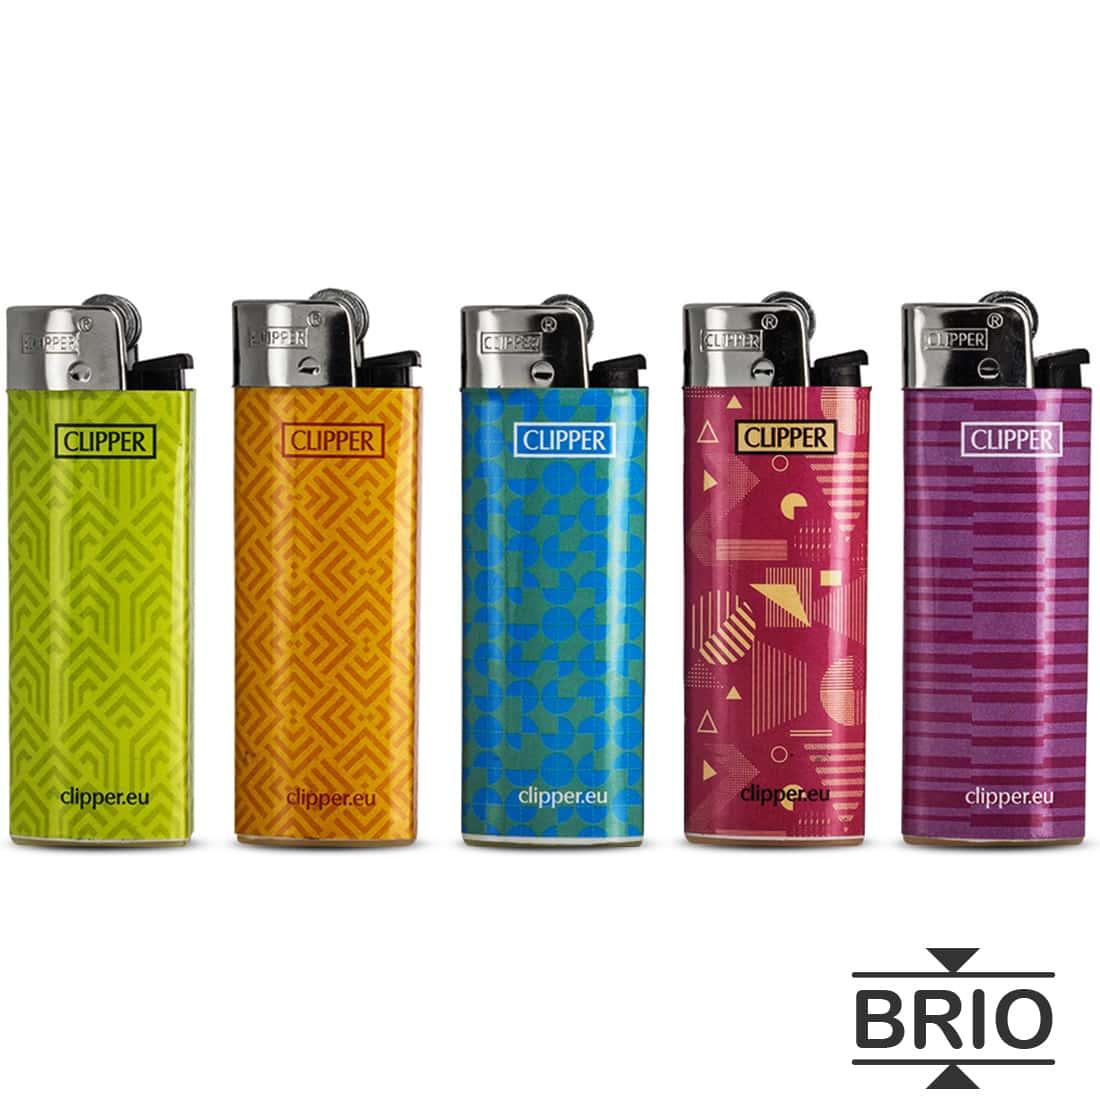 Photo de Briquet Clipper Brio Micro Pattern x 5